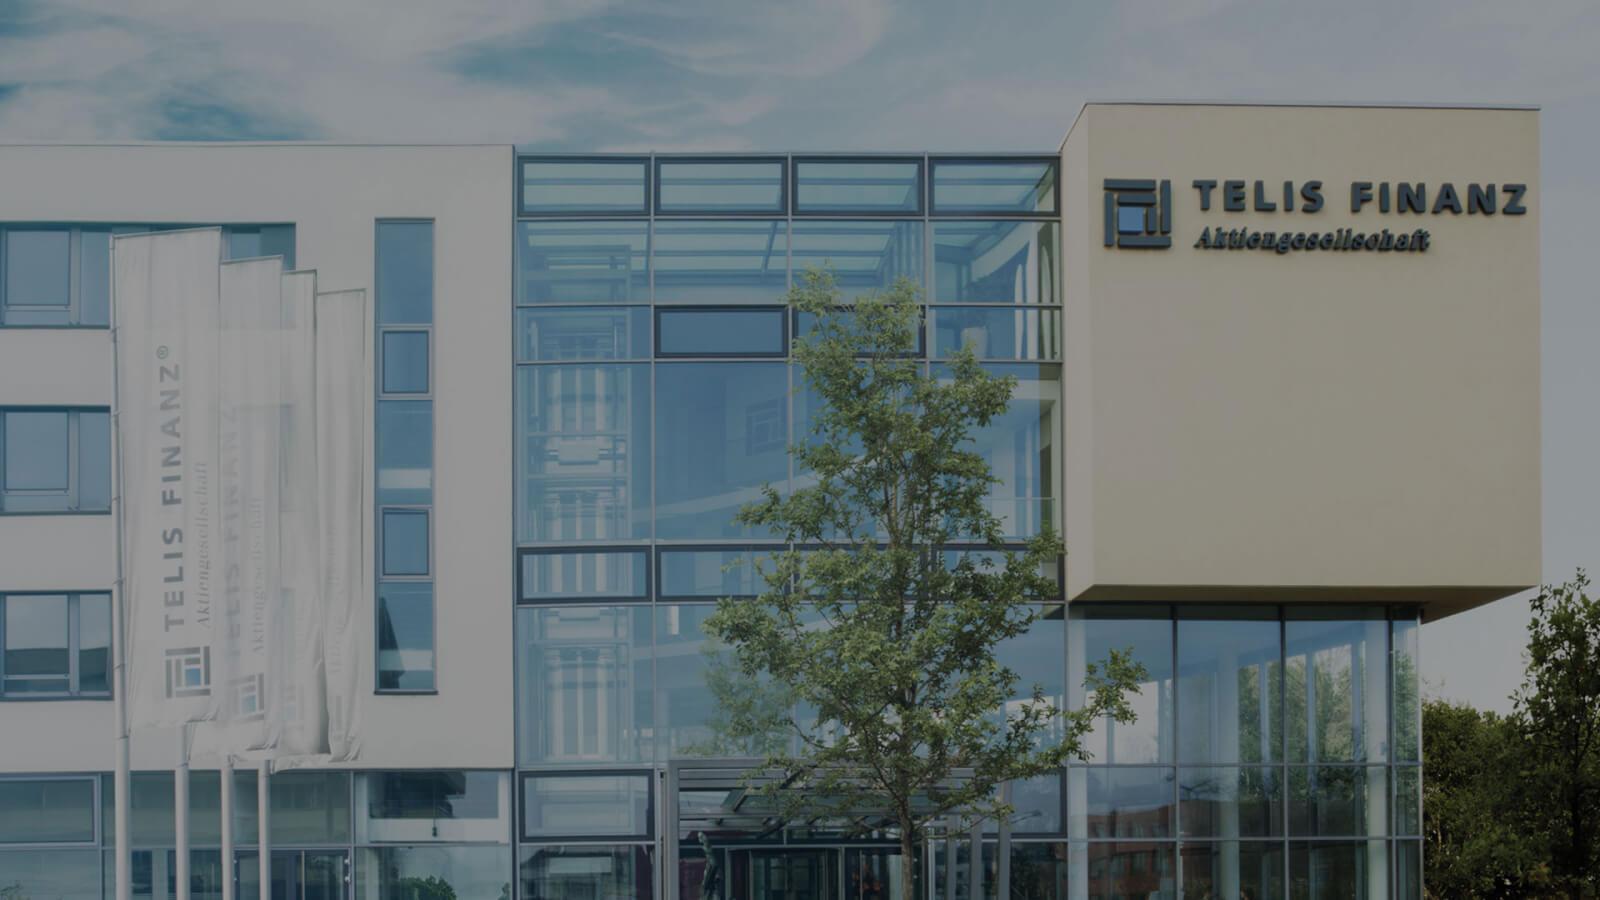 TELIS FINANZ AG überzeugt im Bereich der Fairness – zum 10. Mal in Folge ausgezeichnet